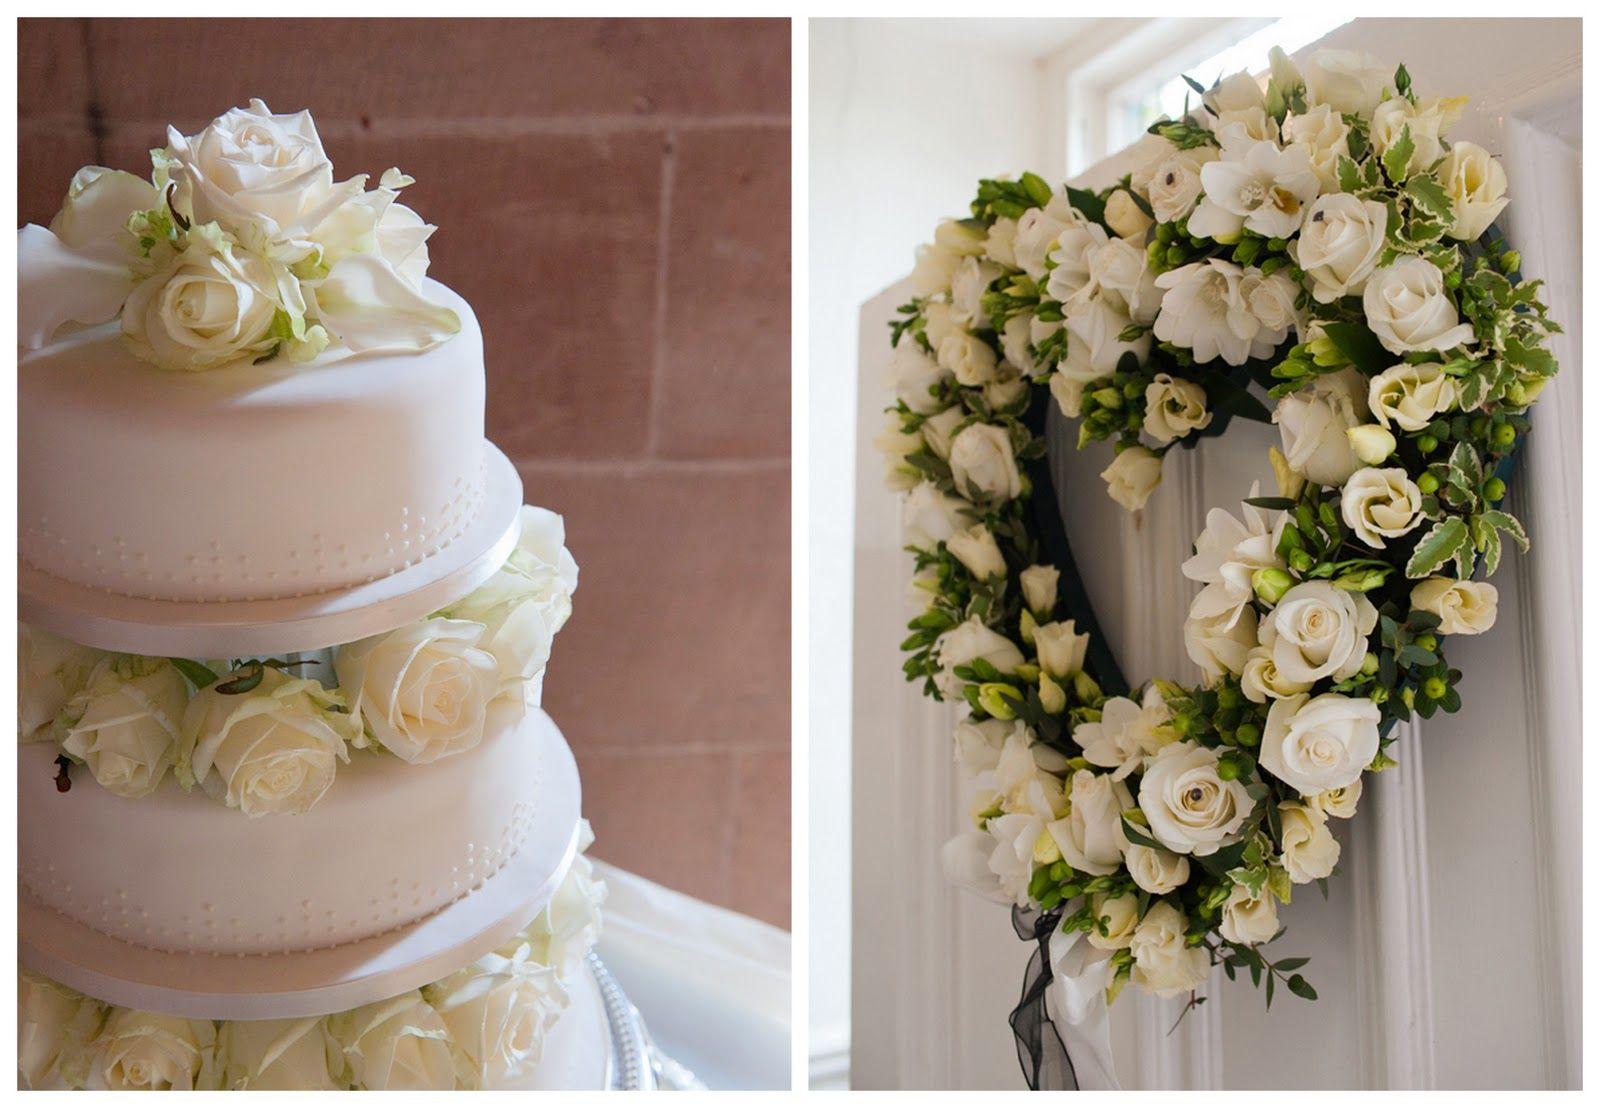 White wedding decoration ideas  Wedding Blog UK  Wedding Ideas  Before The Big Day  Ways To